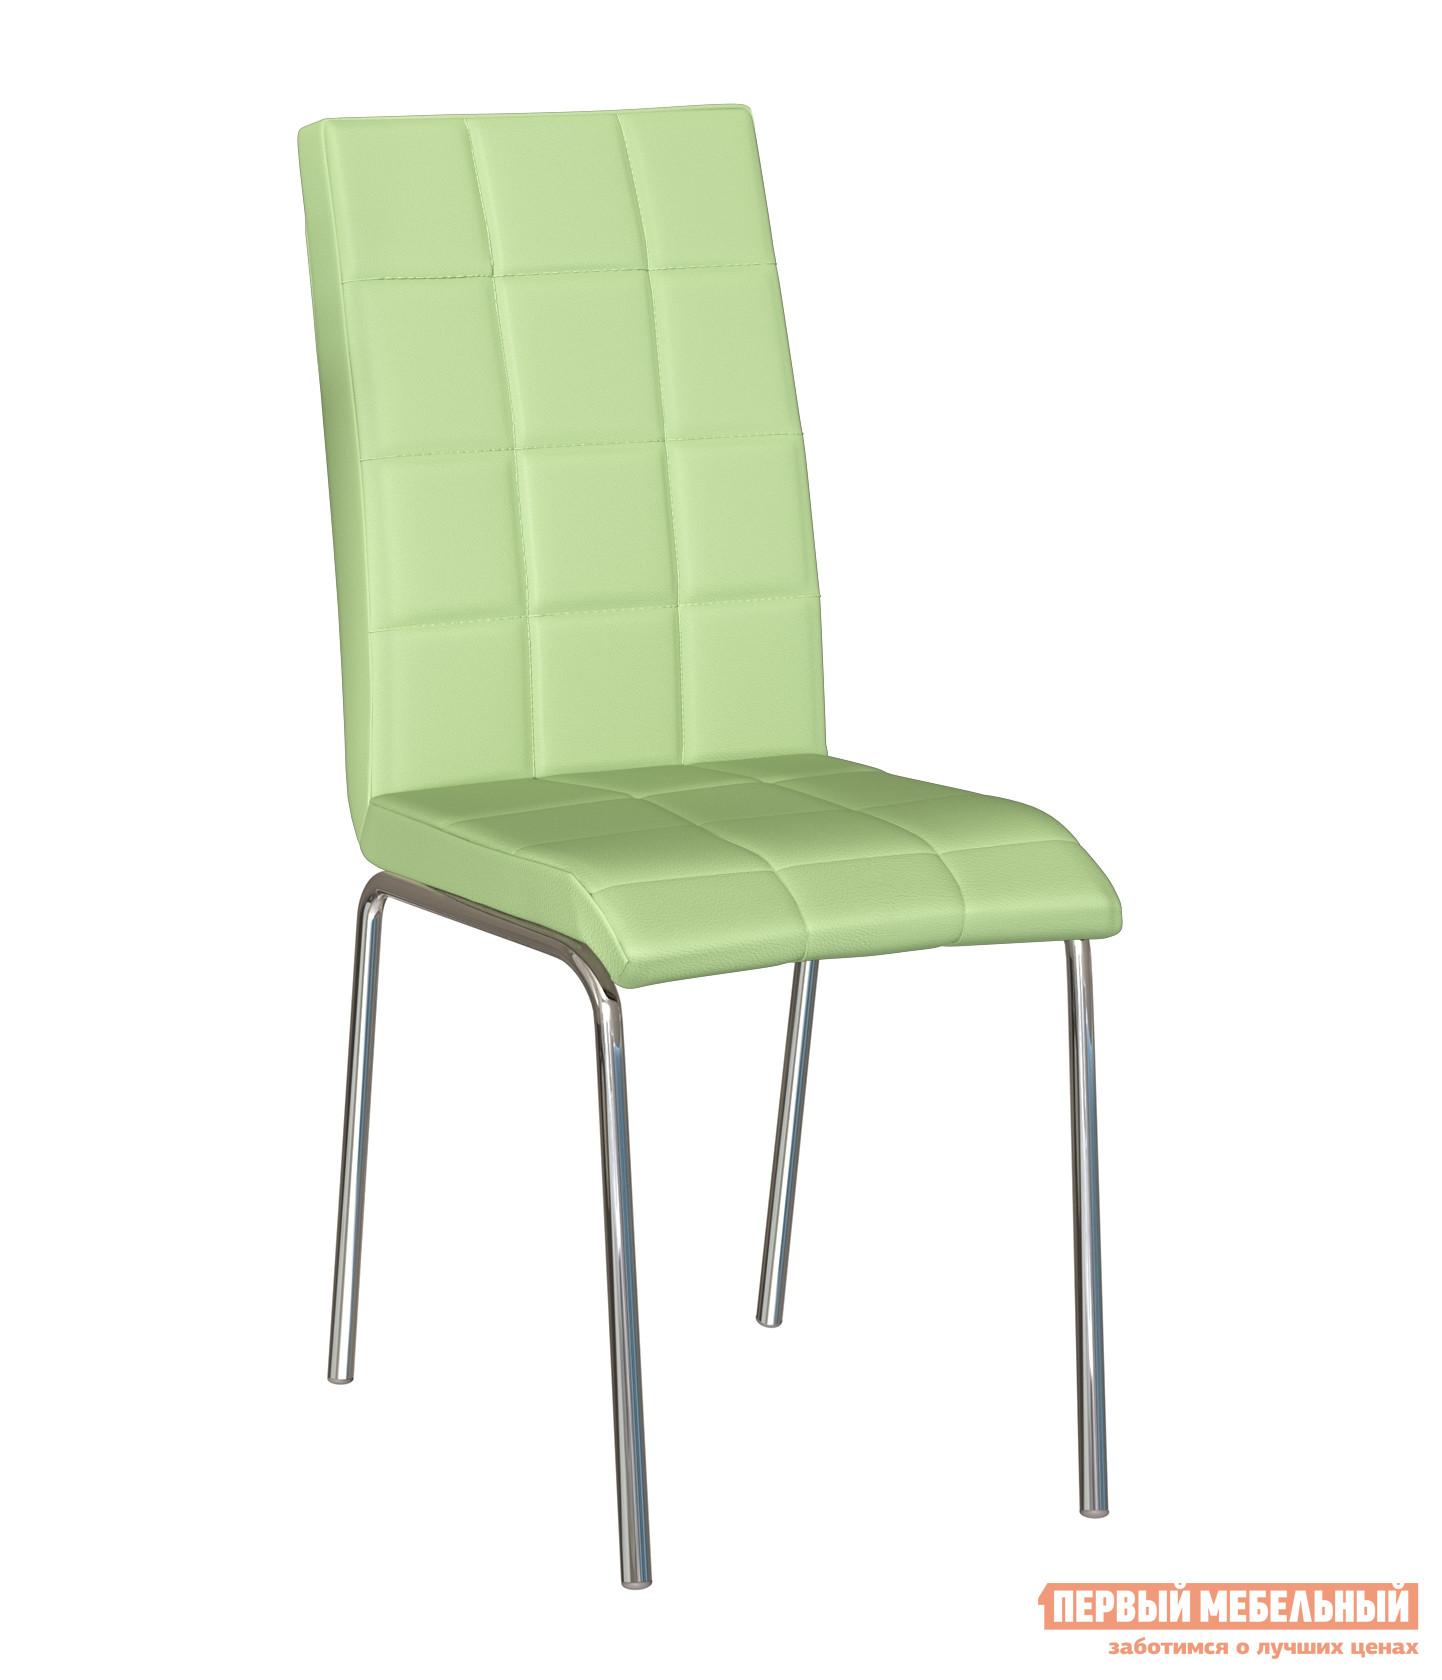 Стул Первый Мебельный Стул Сандерс стул первый мебельный вертикаль